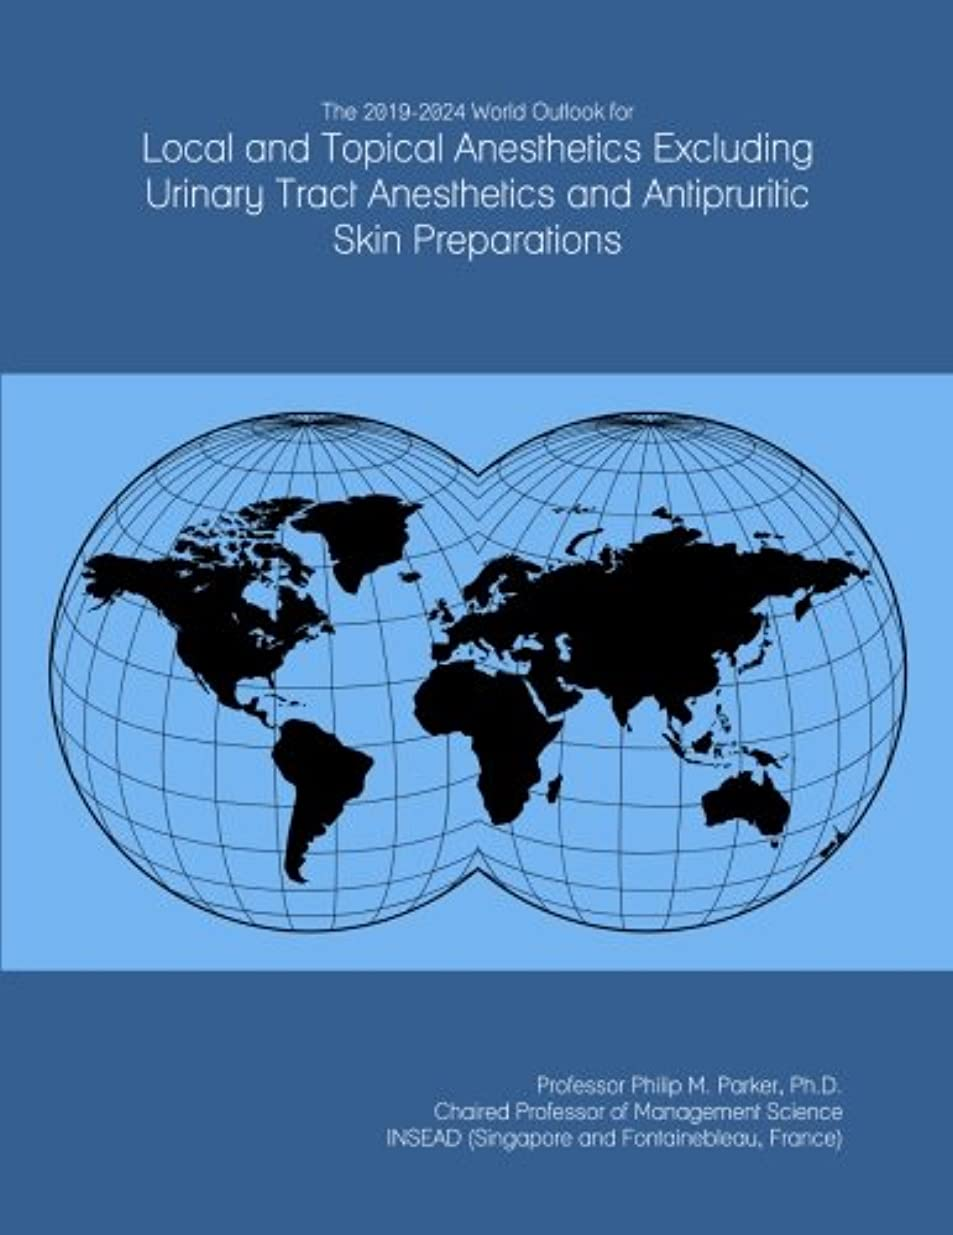 精査慈悲深い残酷The 2019-2024 World Outlook for Local and Topical Anesthetics Excluding Urinary Tract Anesthetics and Antipruritic Skin Preparations